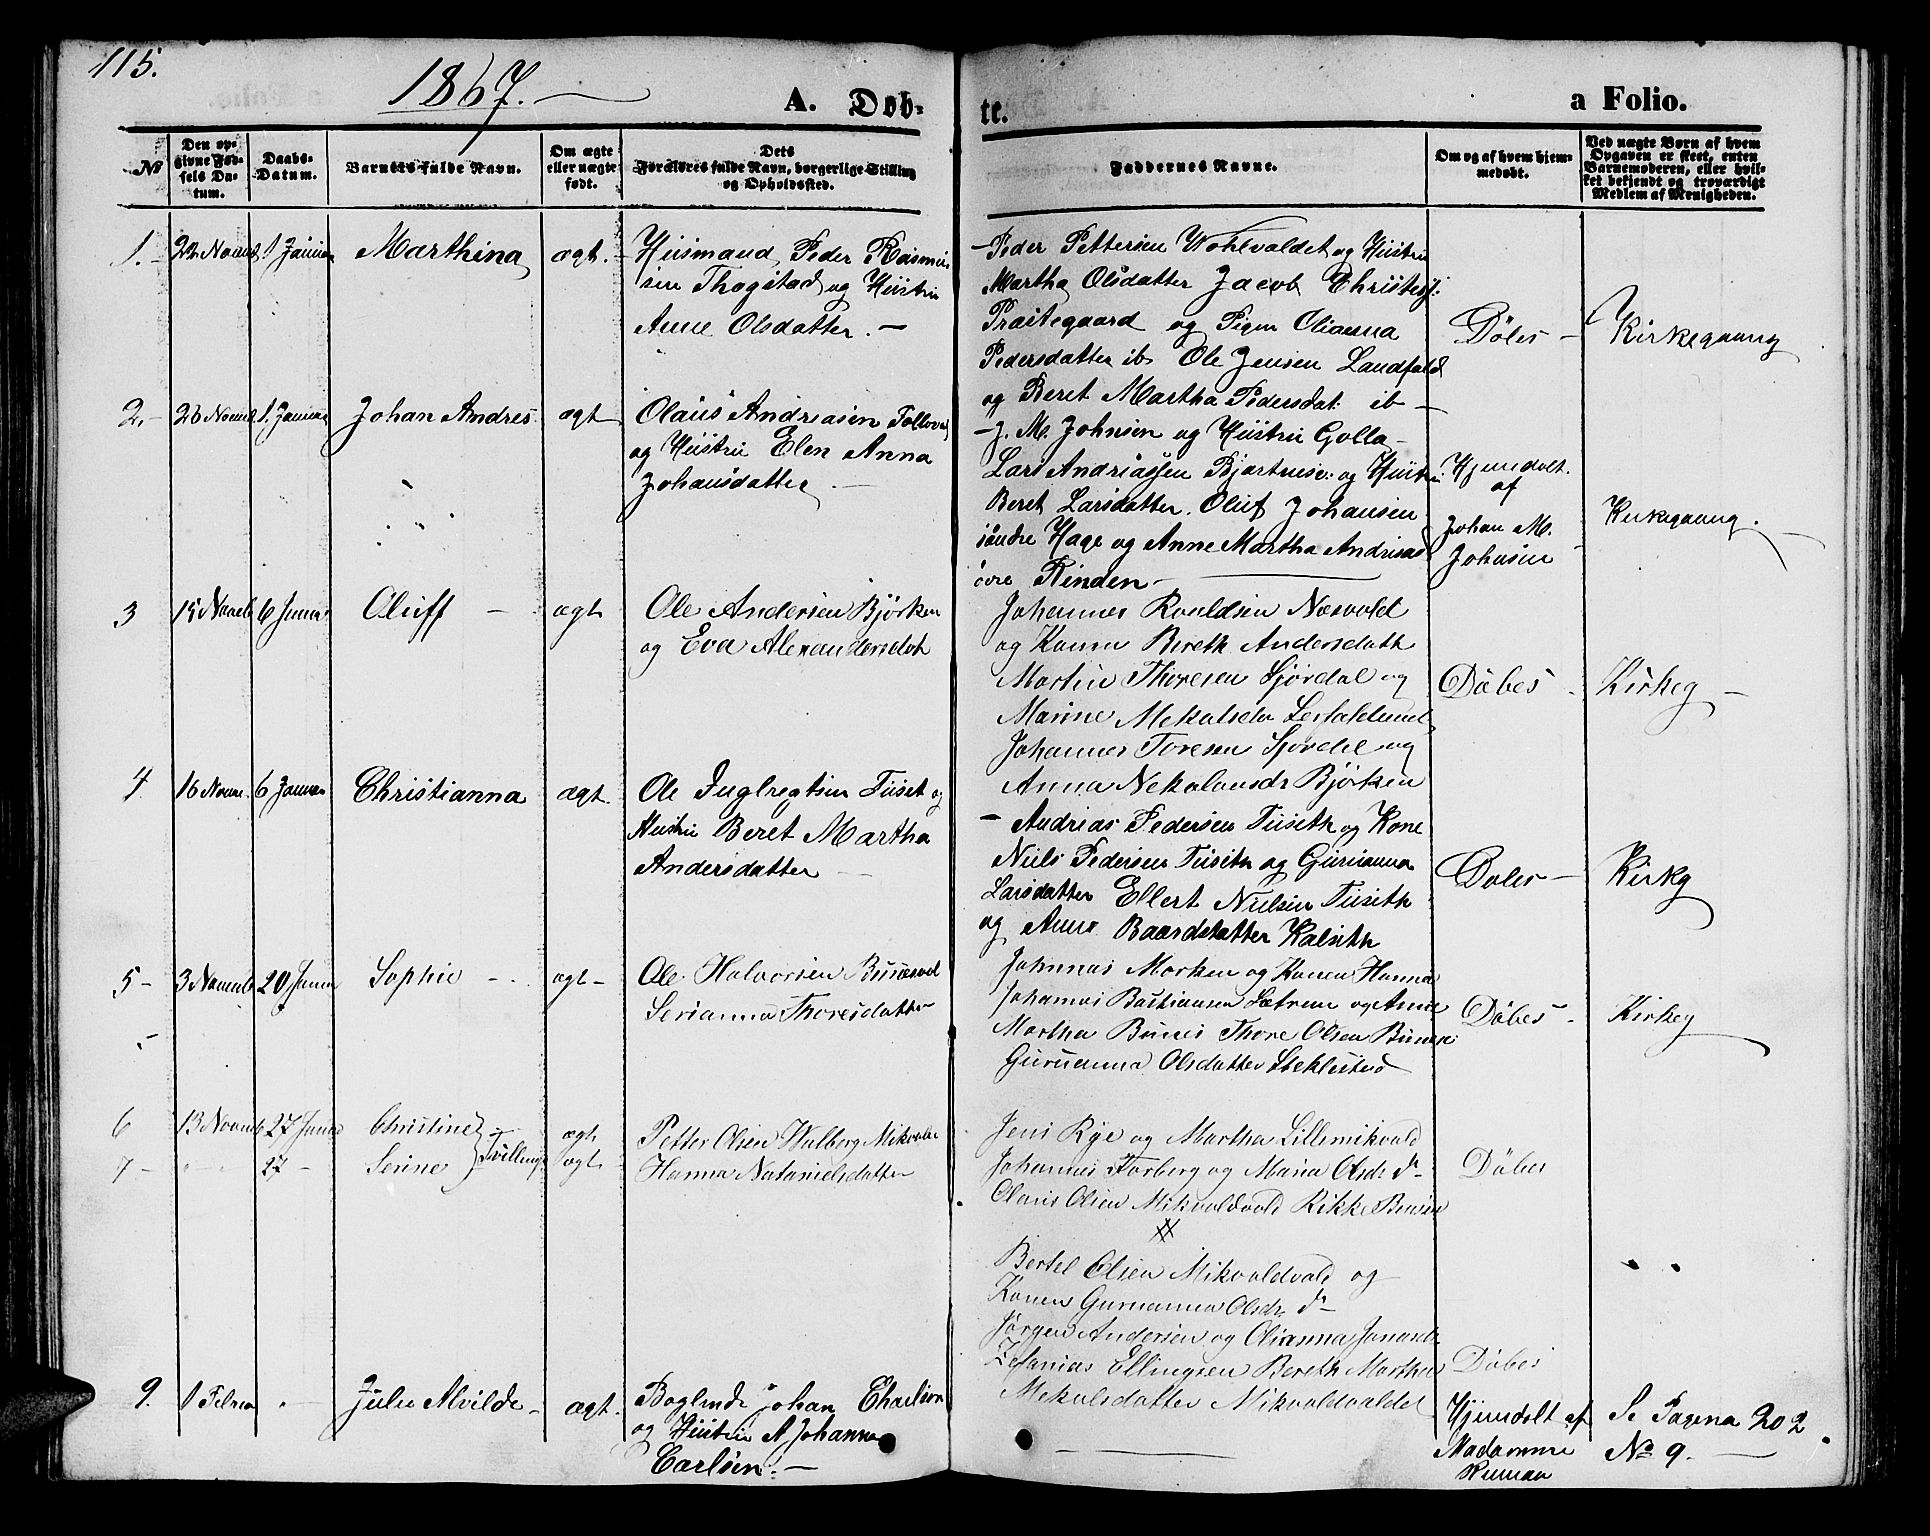 SAT, Ministerialprotokoller, klokkerbøker og fødselsregistre - Nord-Trøndelag, 723/L0254: Klokkerbok nr. 723C02, 1858-1868, s. 115